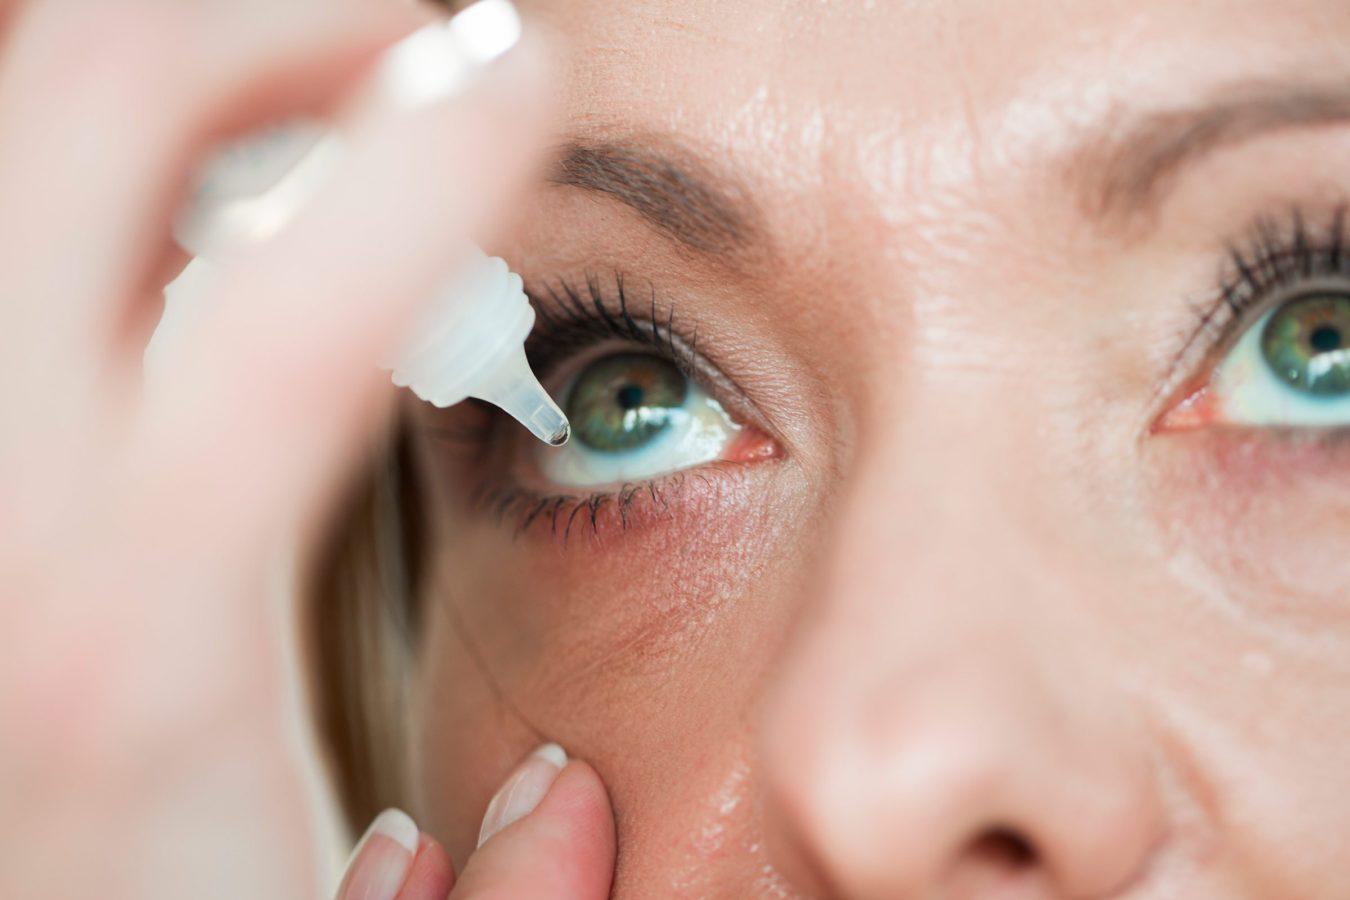 علاج التهاب الملتحمة بقطرات العين